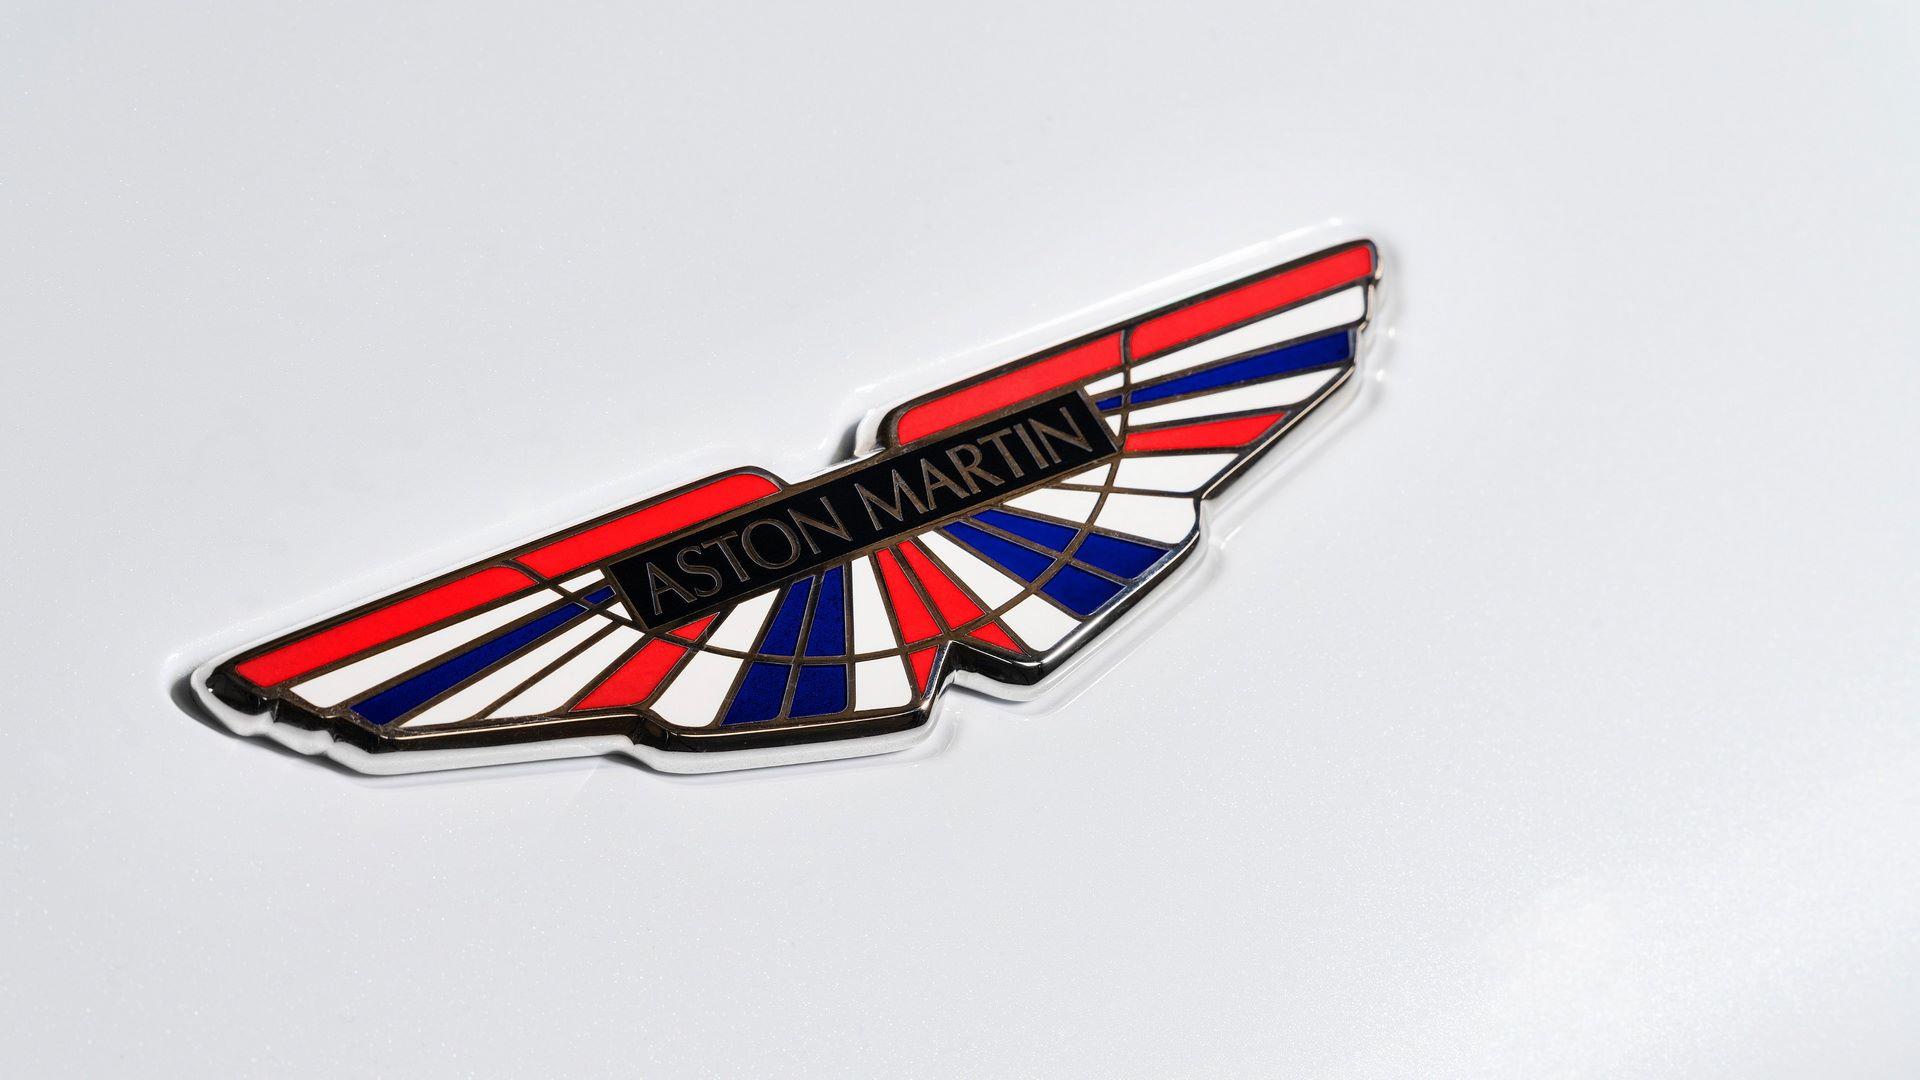 2021-aston-martin-dbs-superleggera-concorde-edition-3-logo